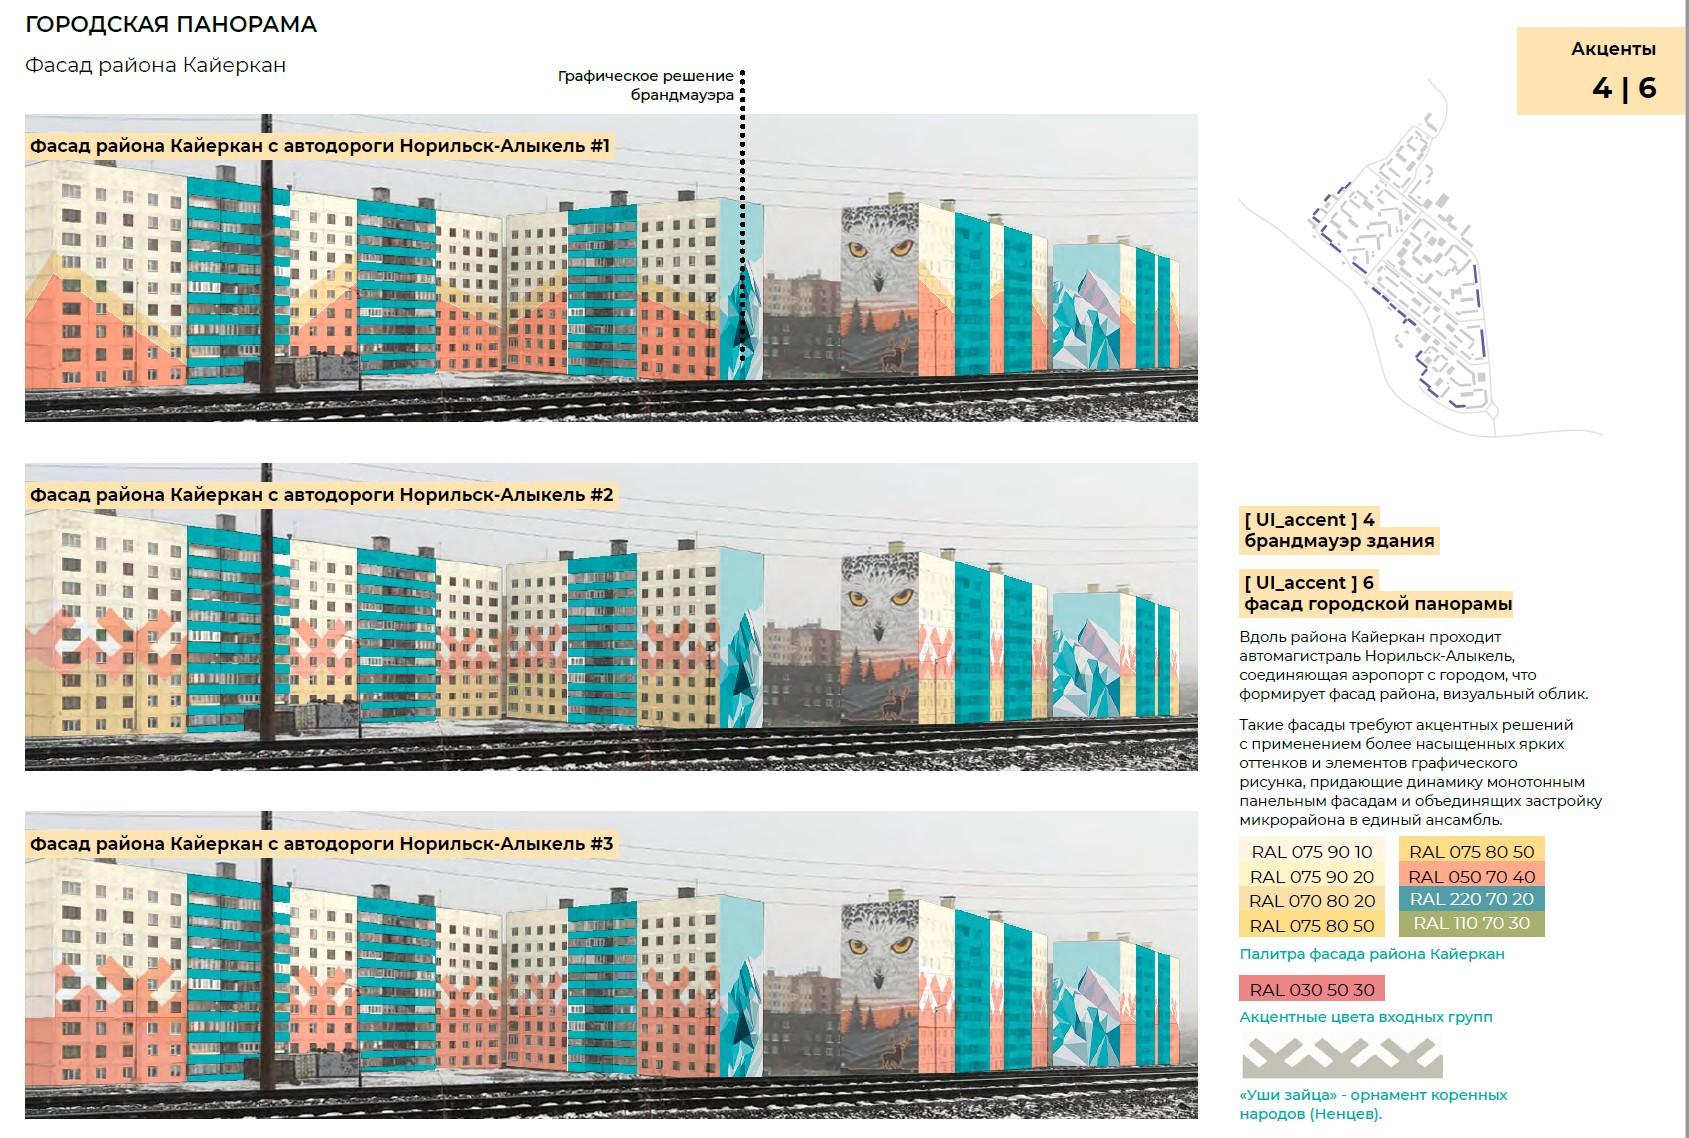 Проекты Агентства развития Норильска одобрены Градостроительным советом